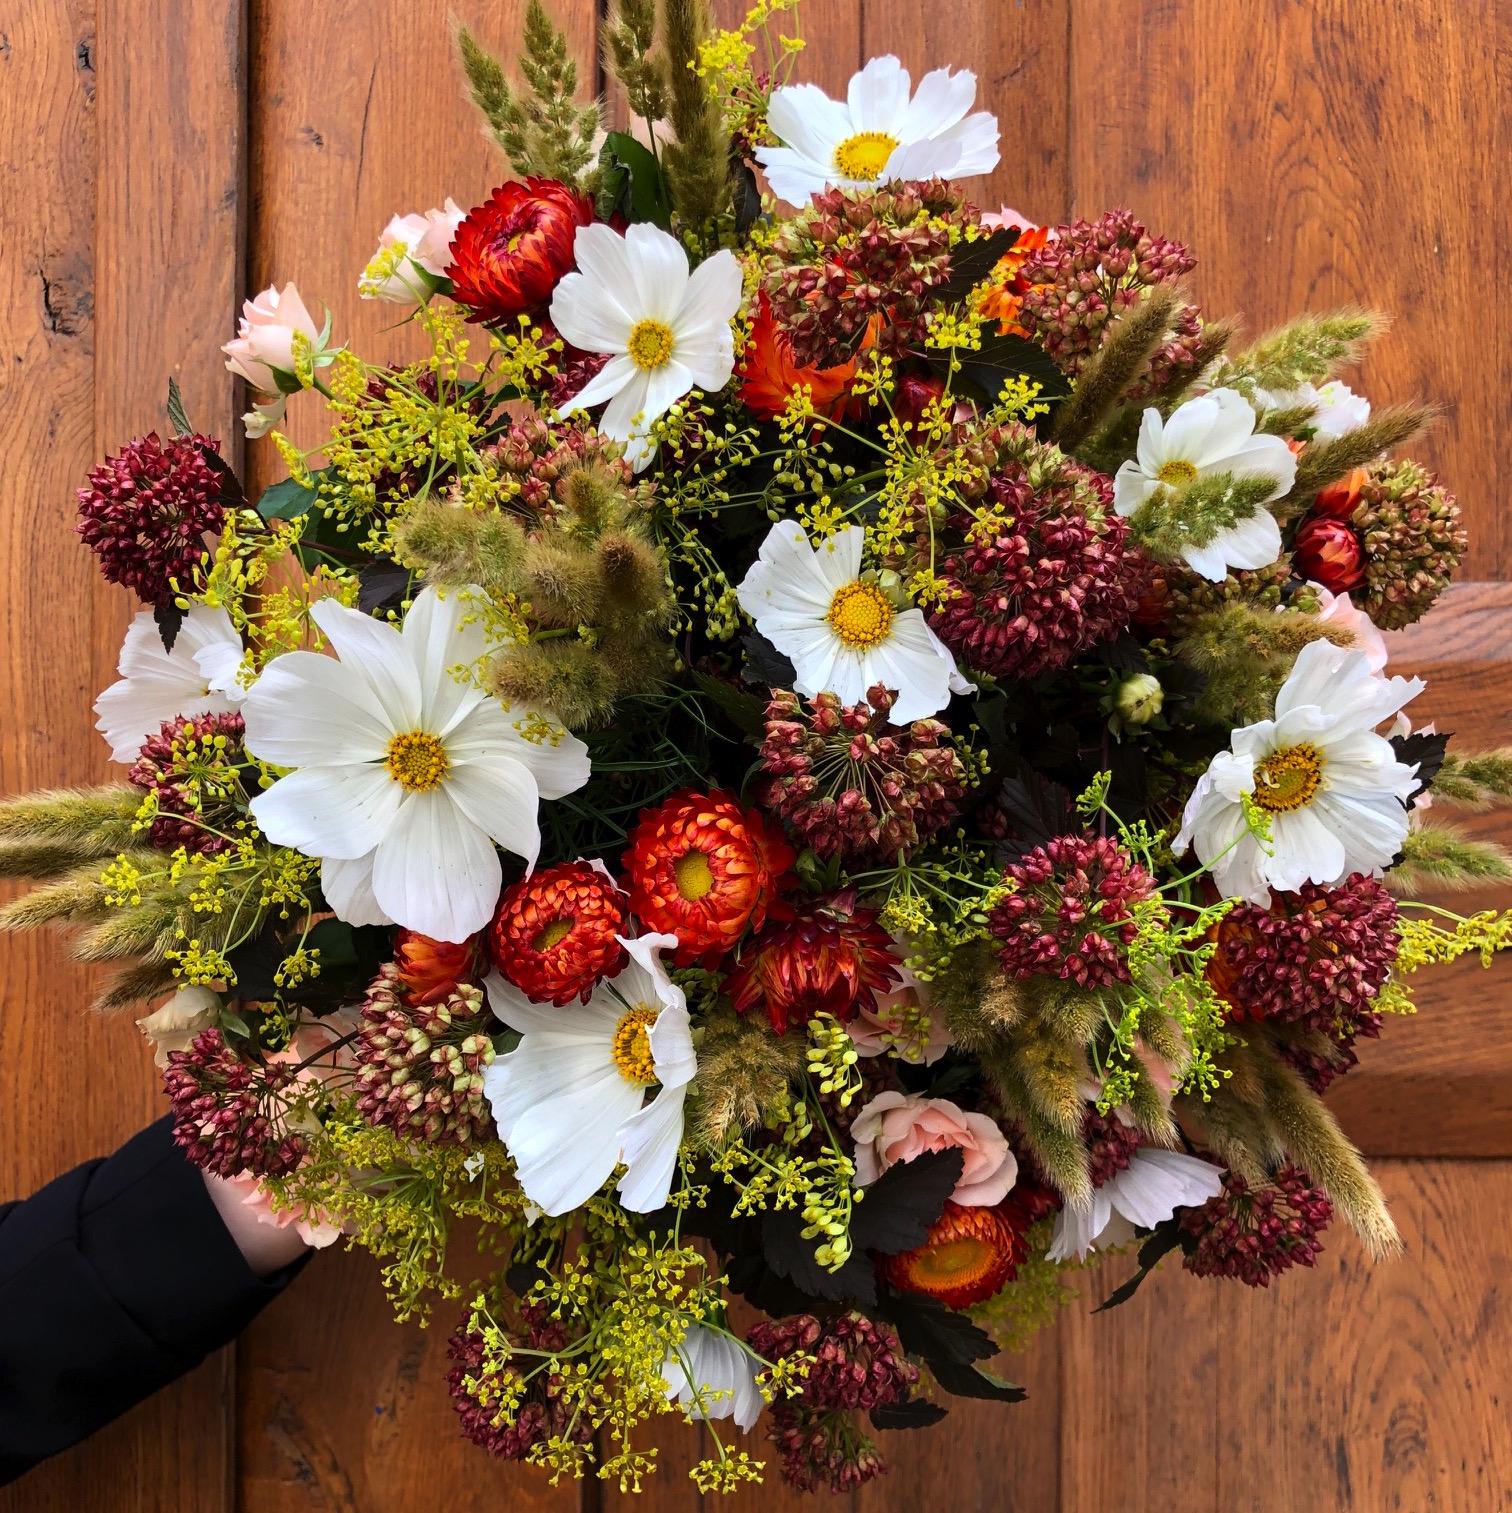 Bouquet, Fleuriste Paris, Livraison fleurs paris, livraison fleurs, bouquet d'été, fête des mères, fleurs d'été, fleurs, livraison fleurs